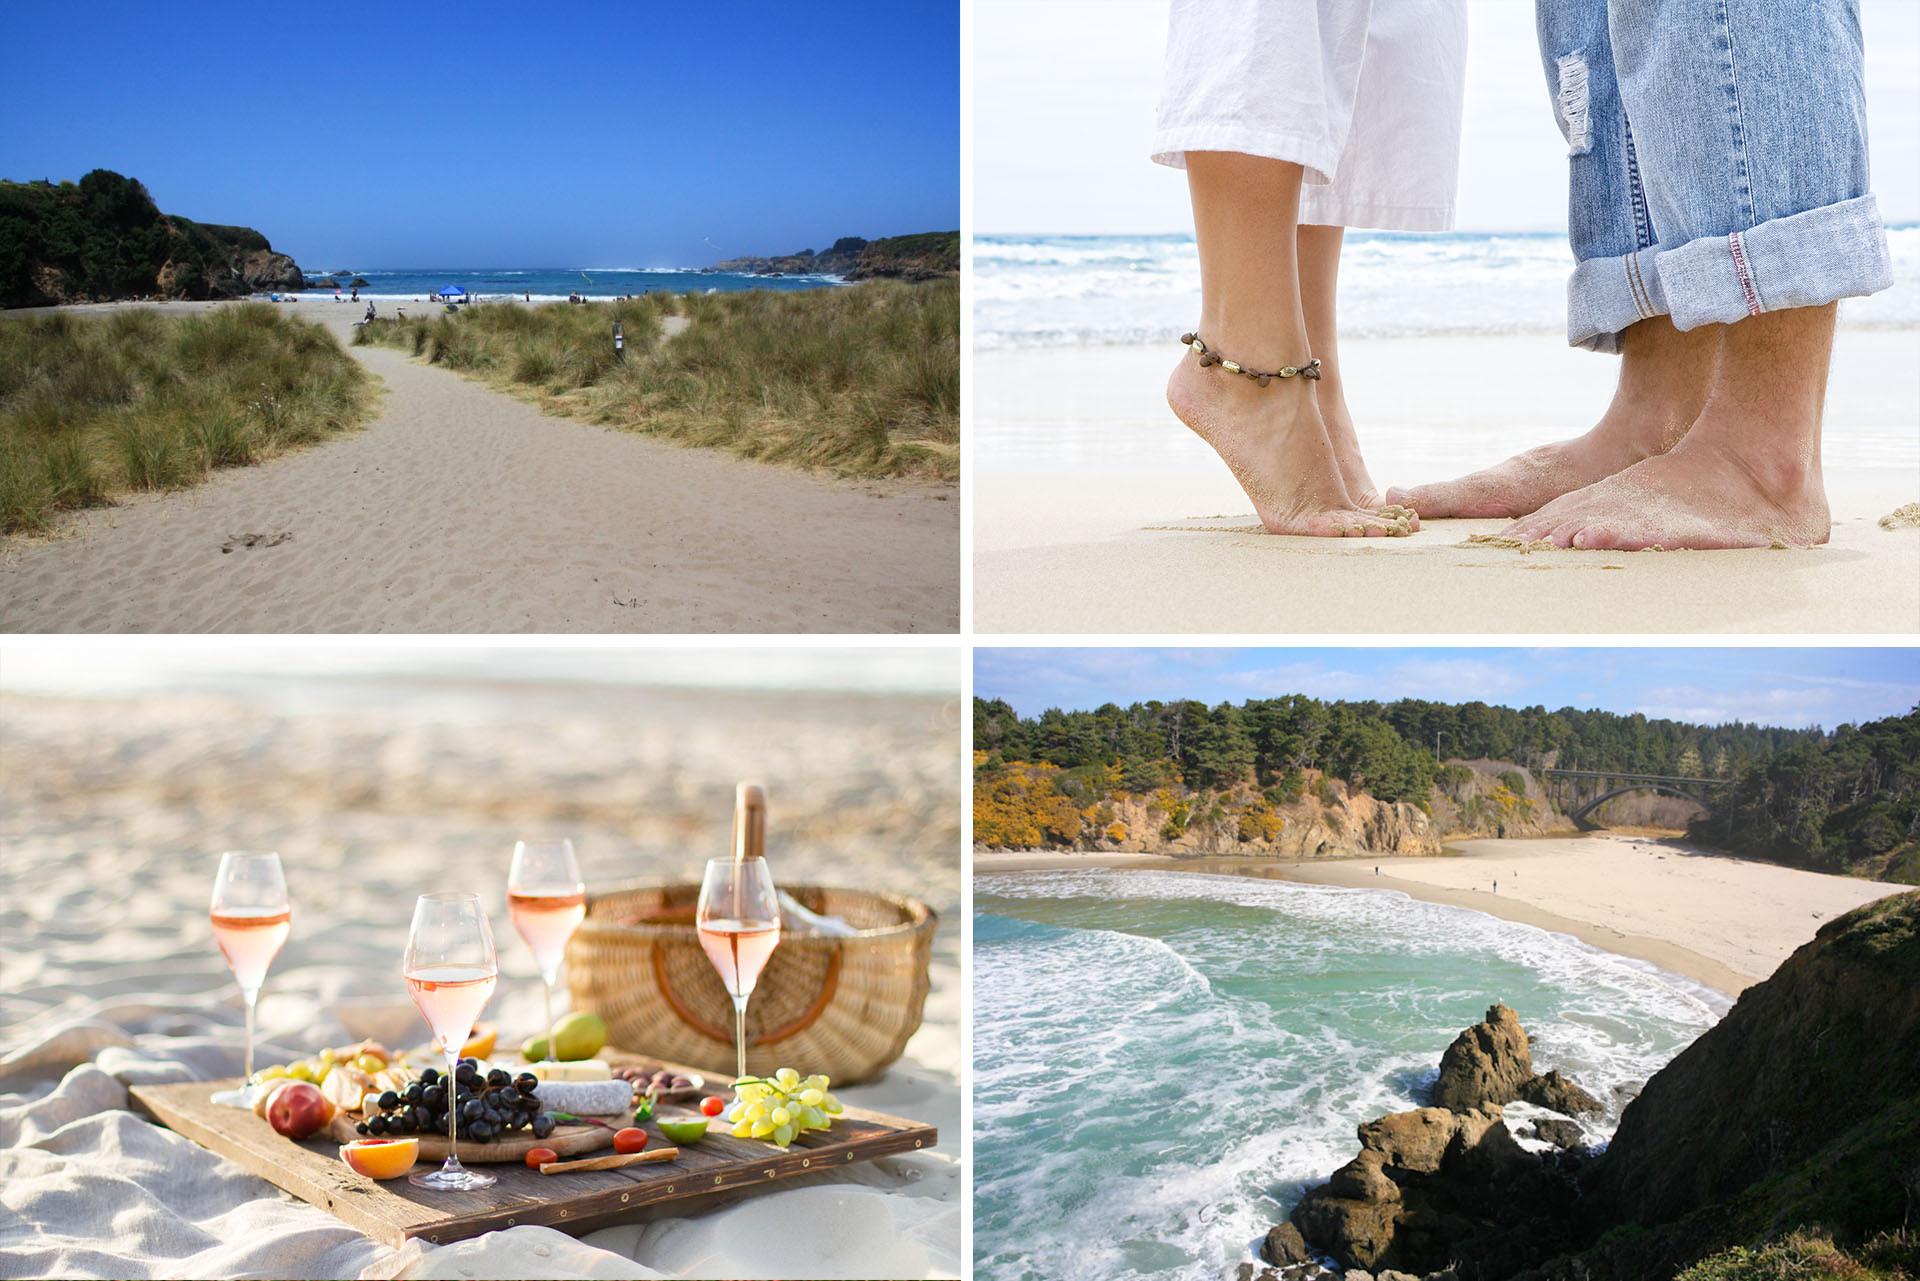 Mendocino Coast Romantic Beaches